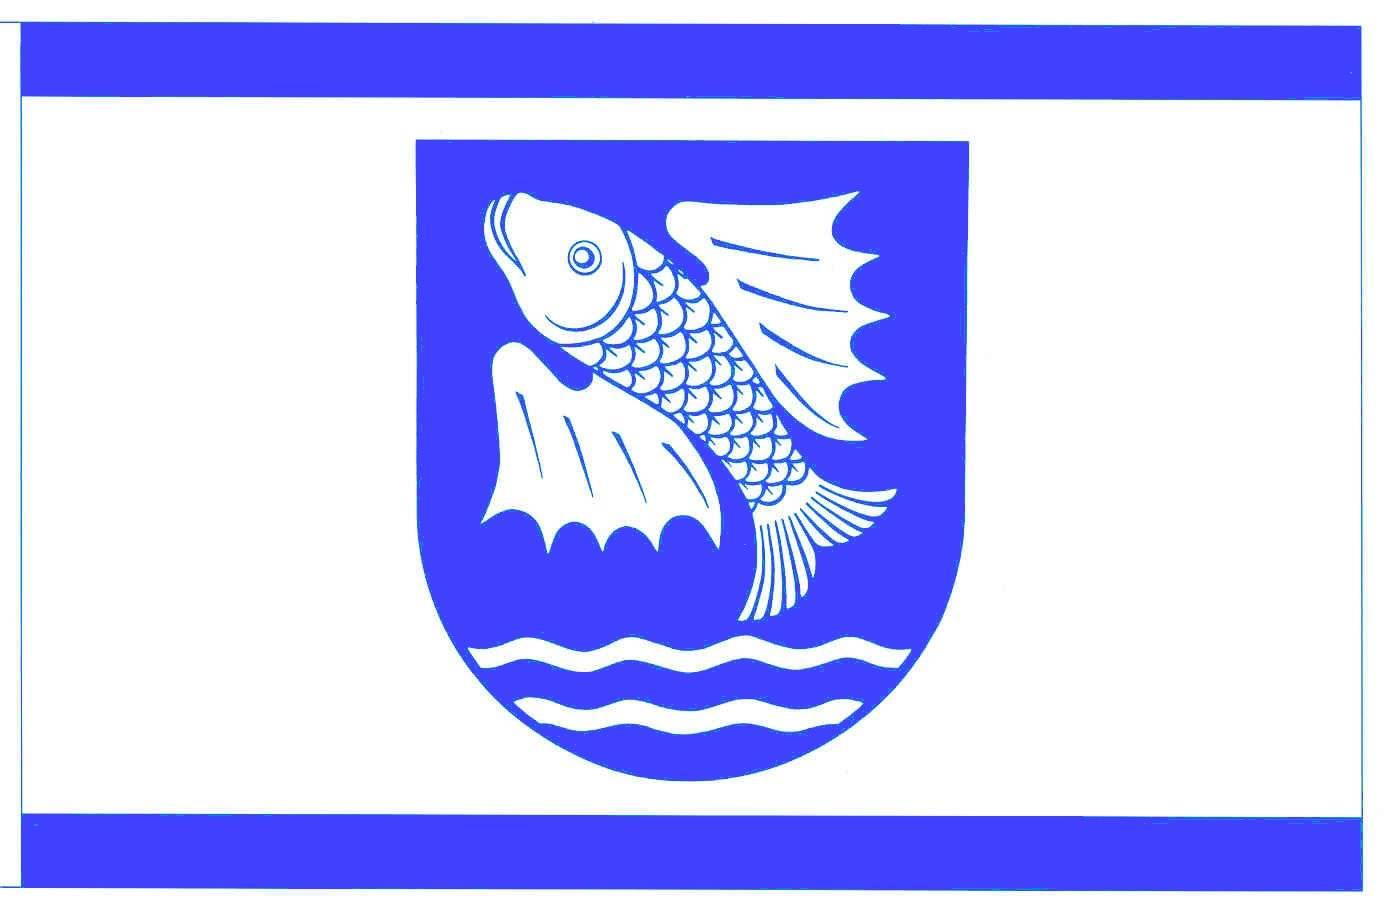 Flagge GemeindeBrokdorf, Kreis Steinburg